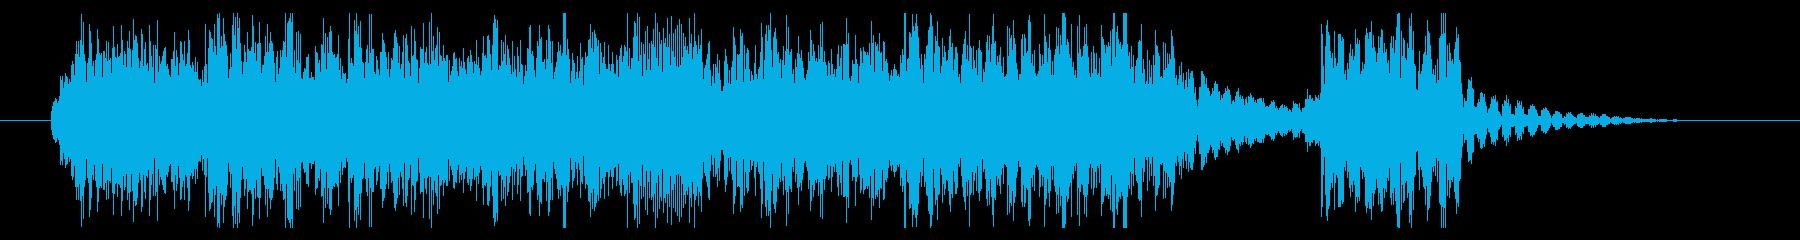 ジングルやタイトルに最適なヘヴィロックの再生済みの波形